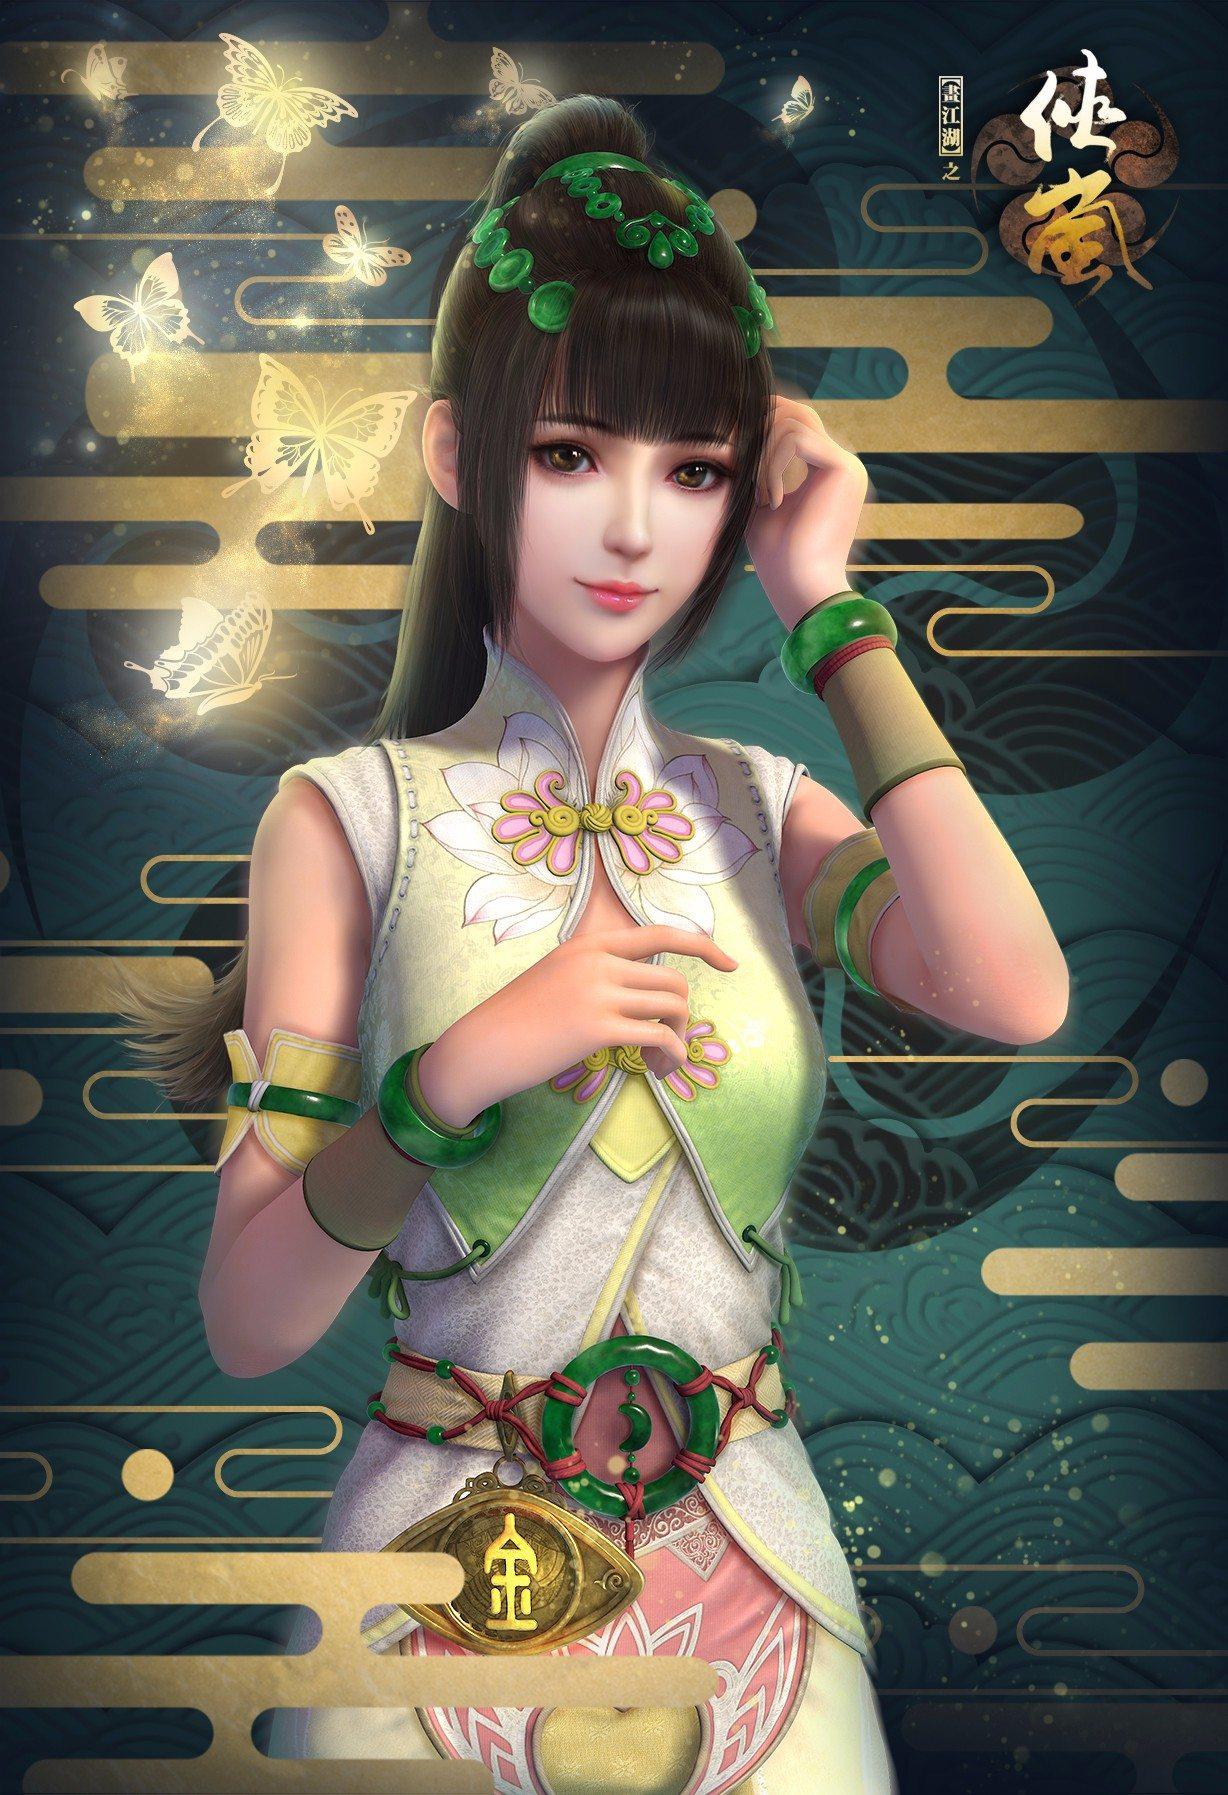 不良人游戏_辰月和碧婷3D模型角色海报发布! - 动漫资讯 - 玩游网 - playyx.com